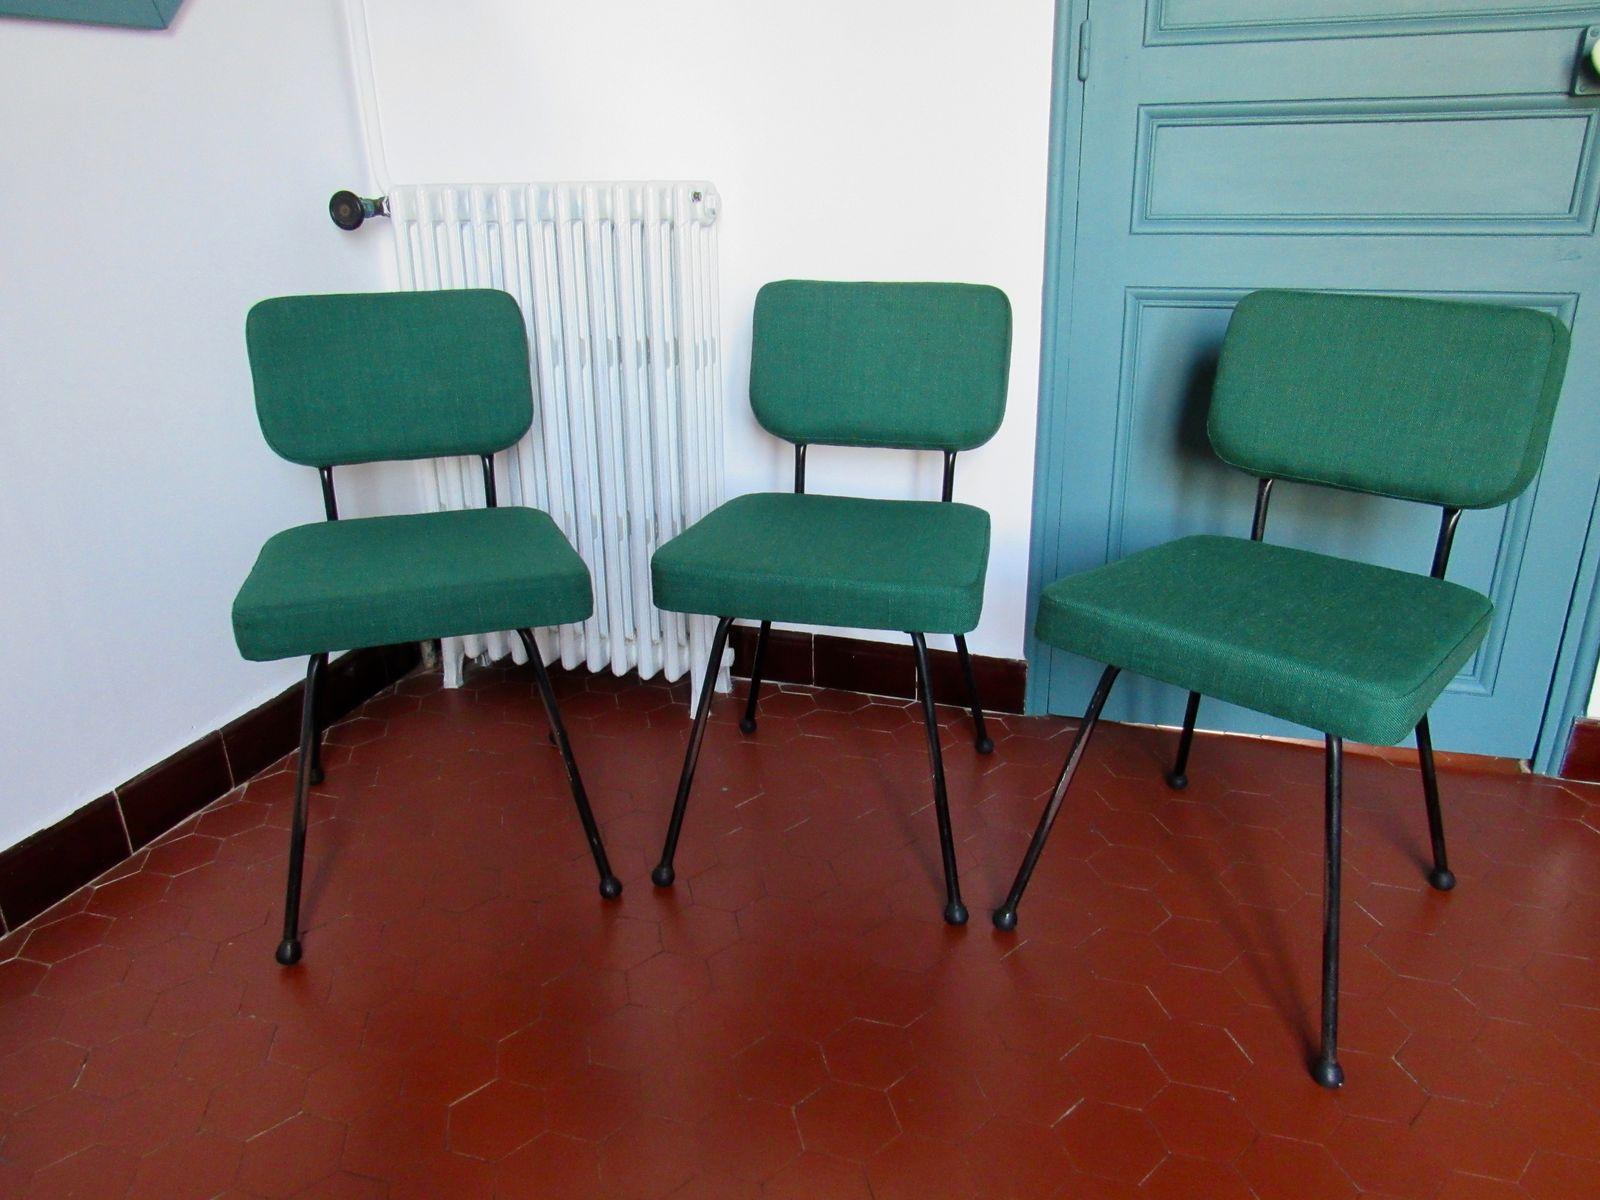 Sedia di andr simard per airborne anni 39 50 in vendita su for Sedia anni 50 design